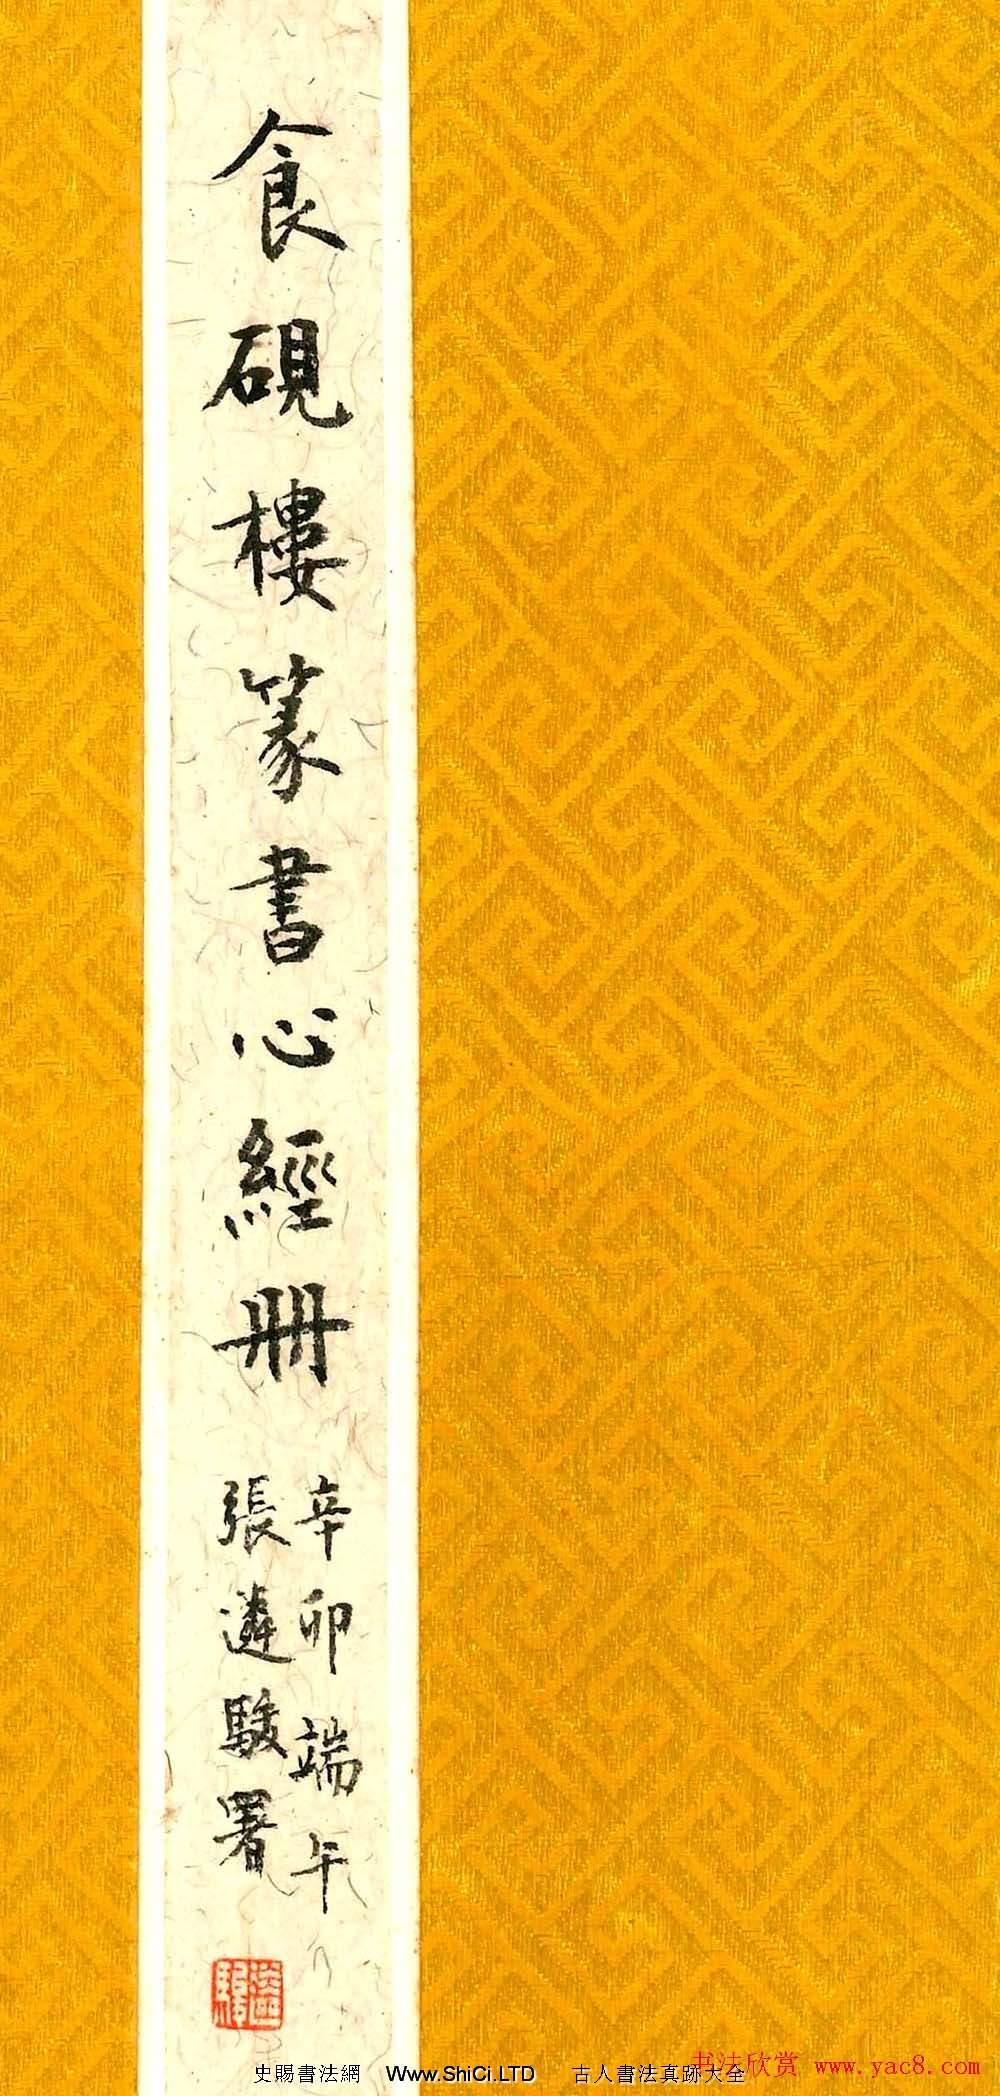 張遴駿書法真跡欣賞《食硯樓篆書心經冊》(共13張圖片)